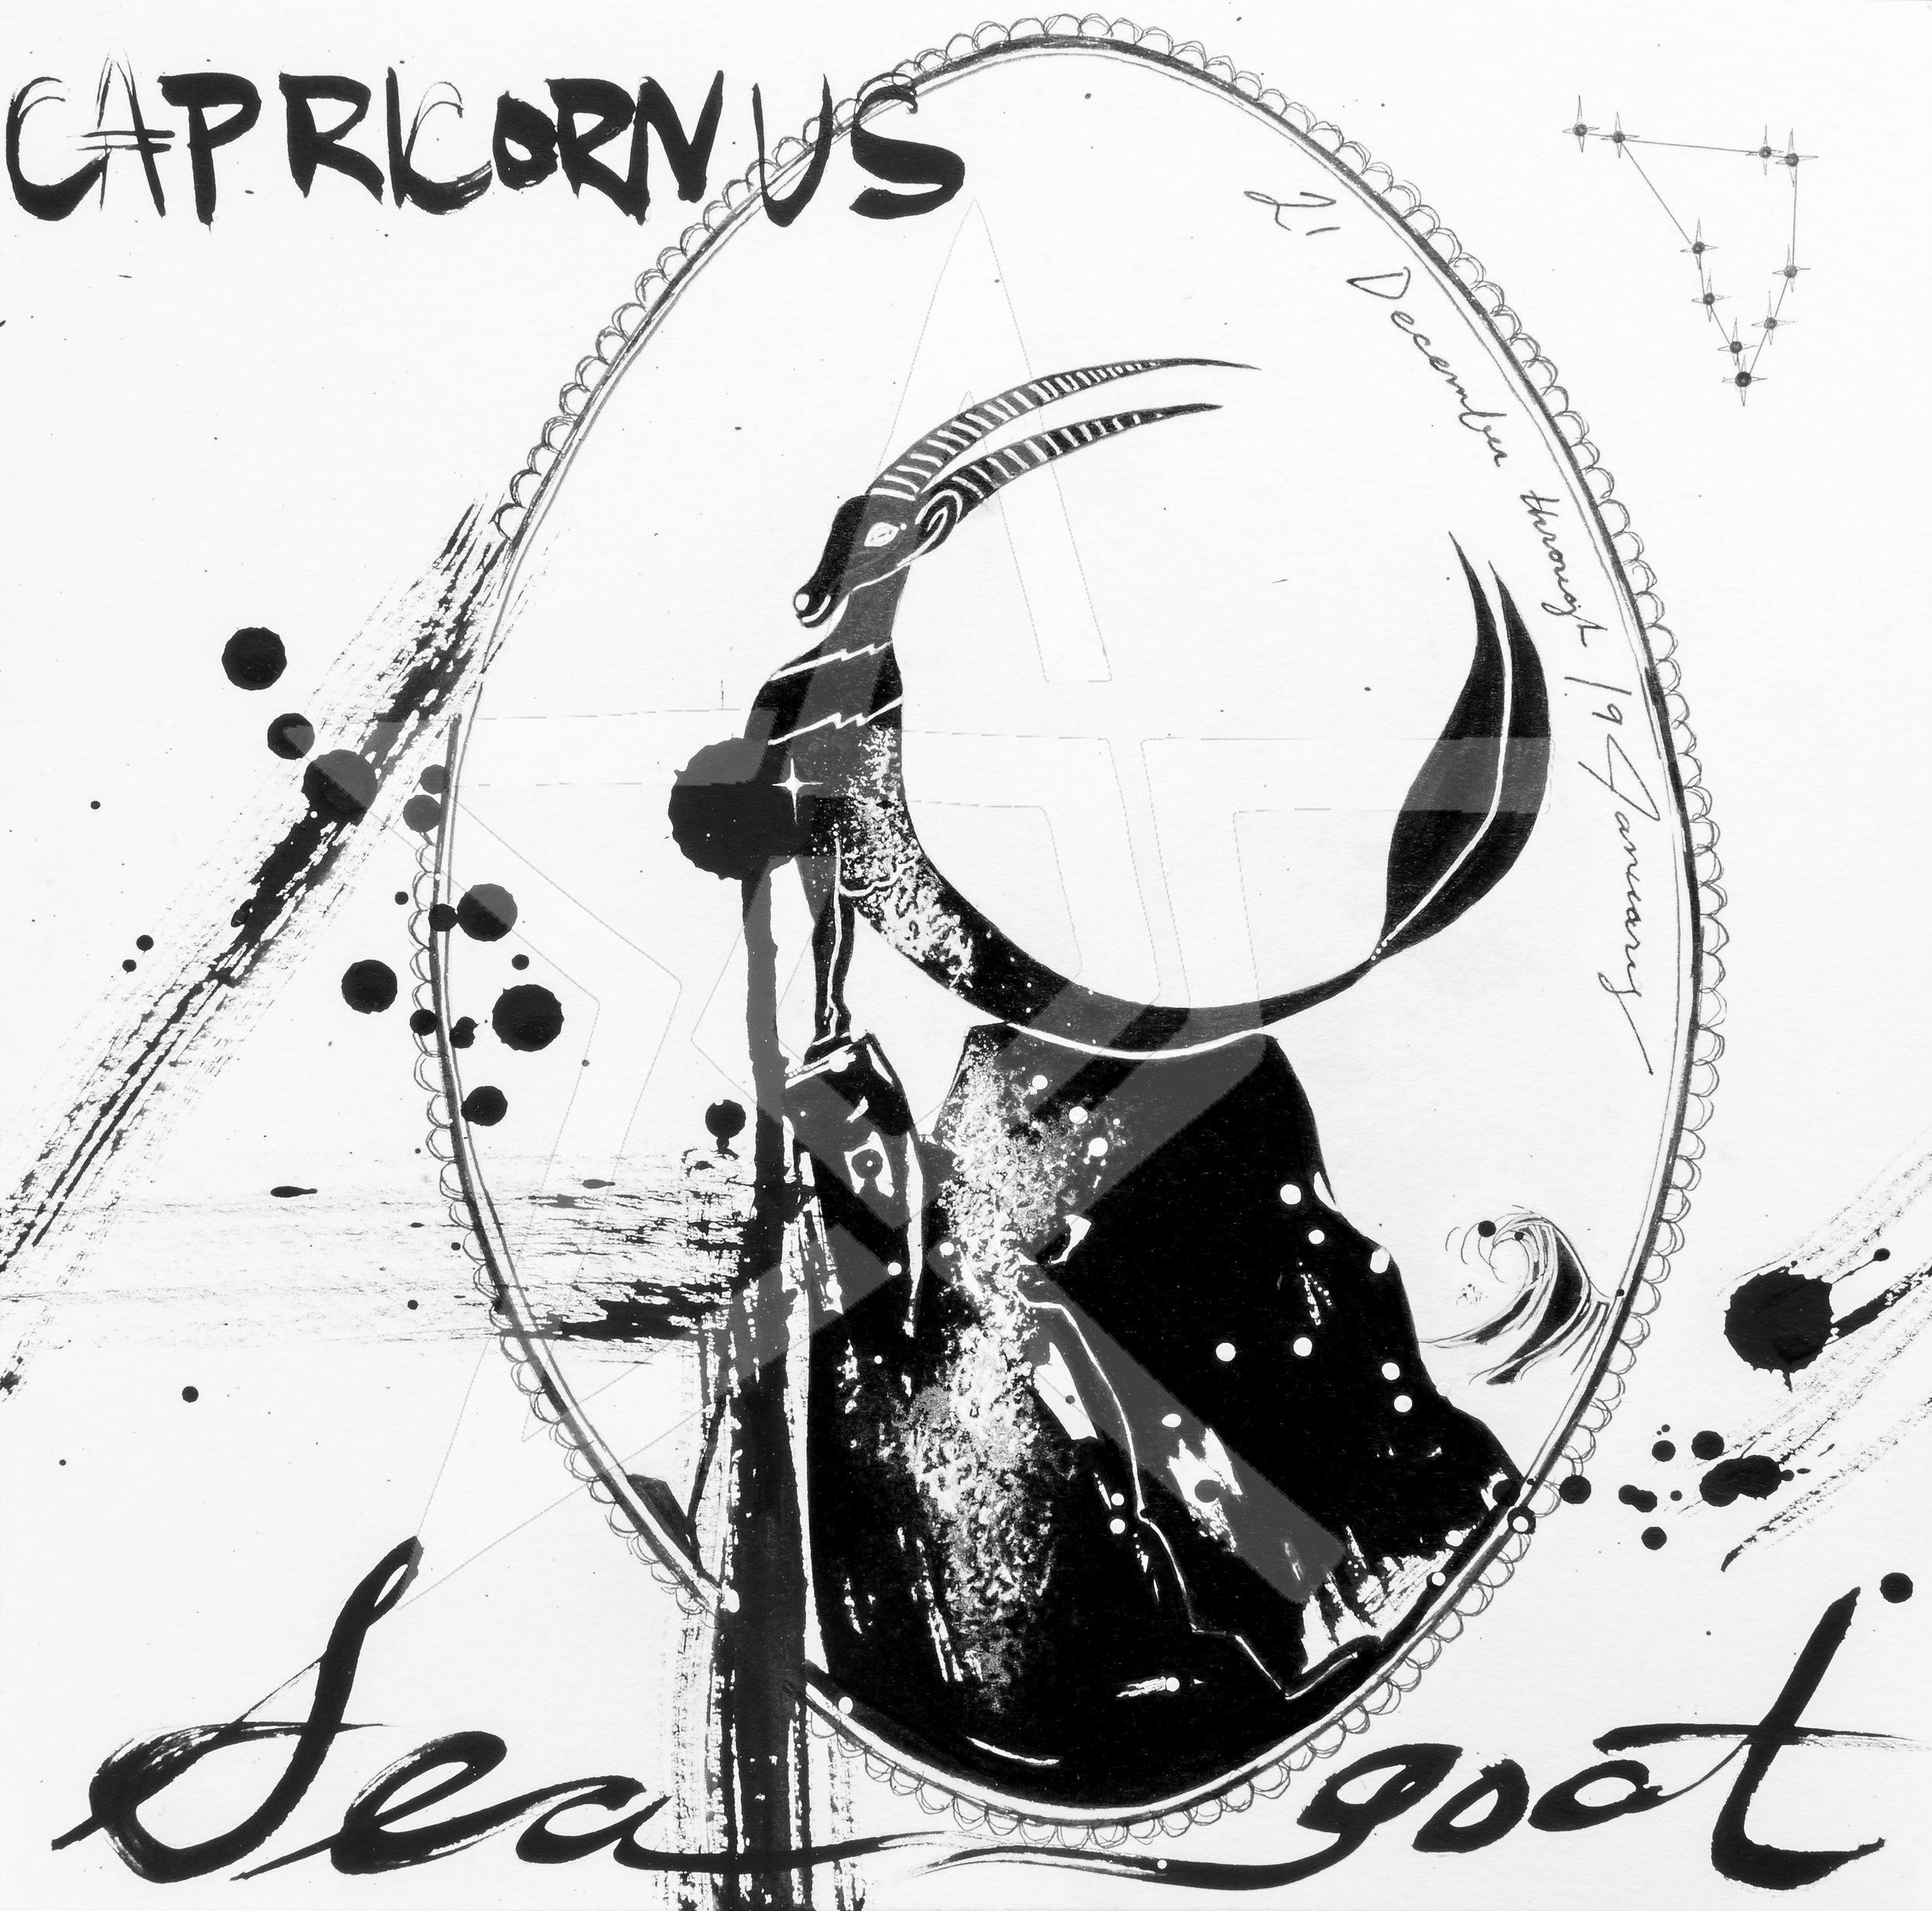 Capricornus ink watermark.jpg